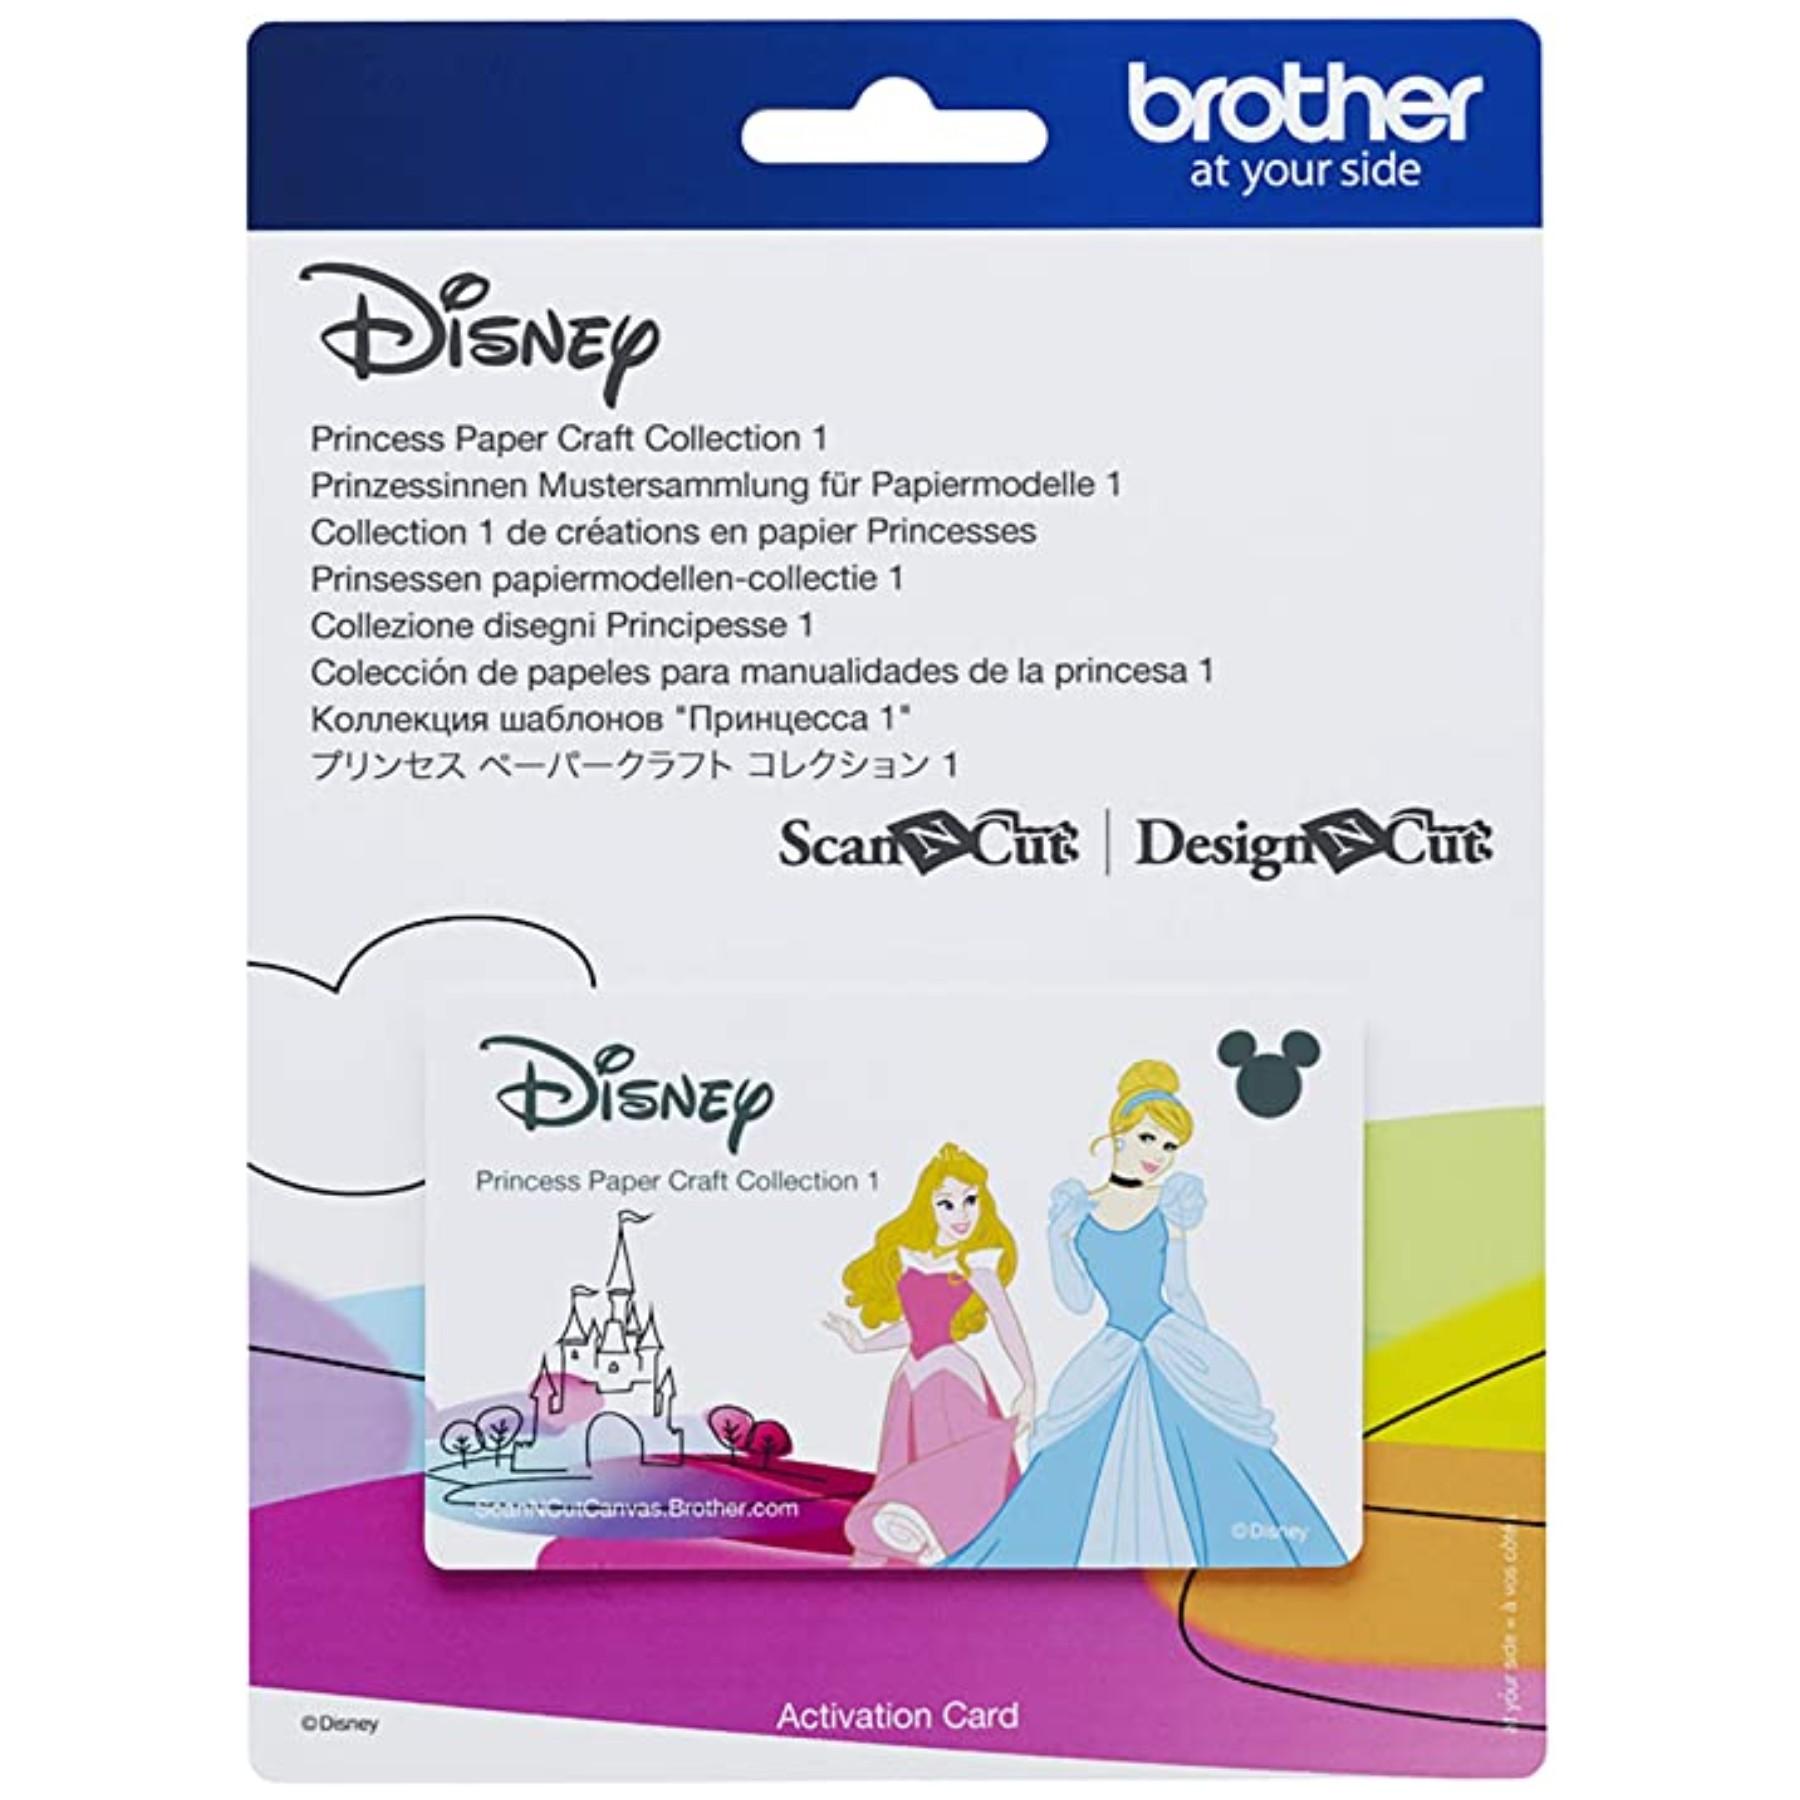 Colección patrones Disney Princesas